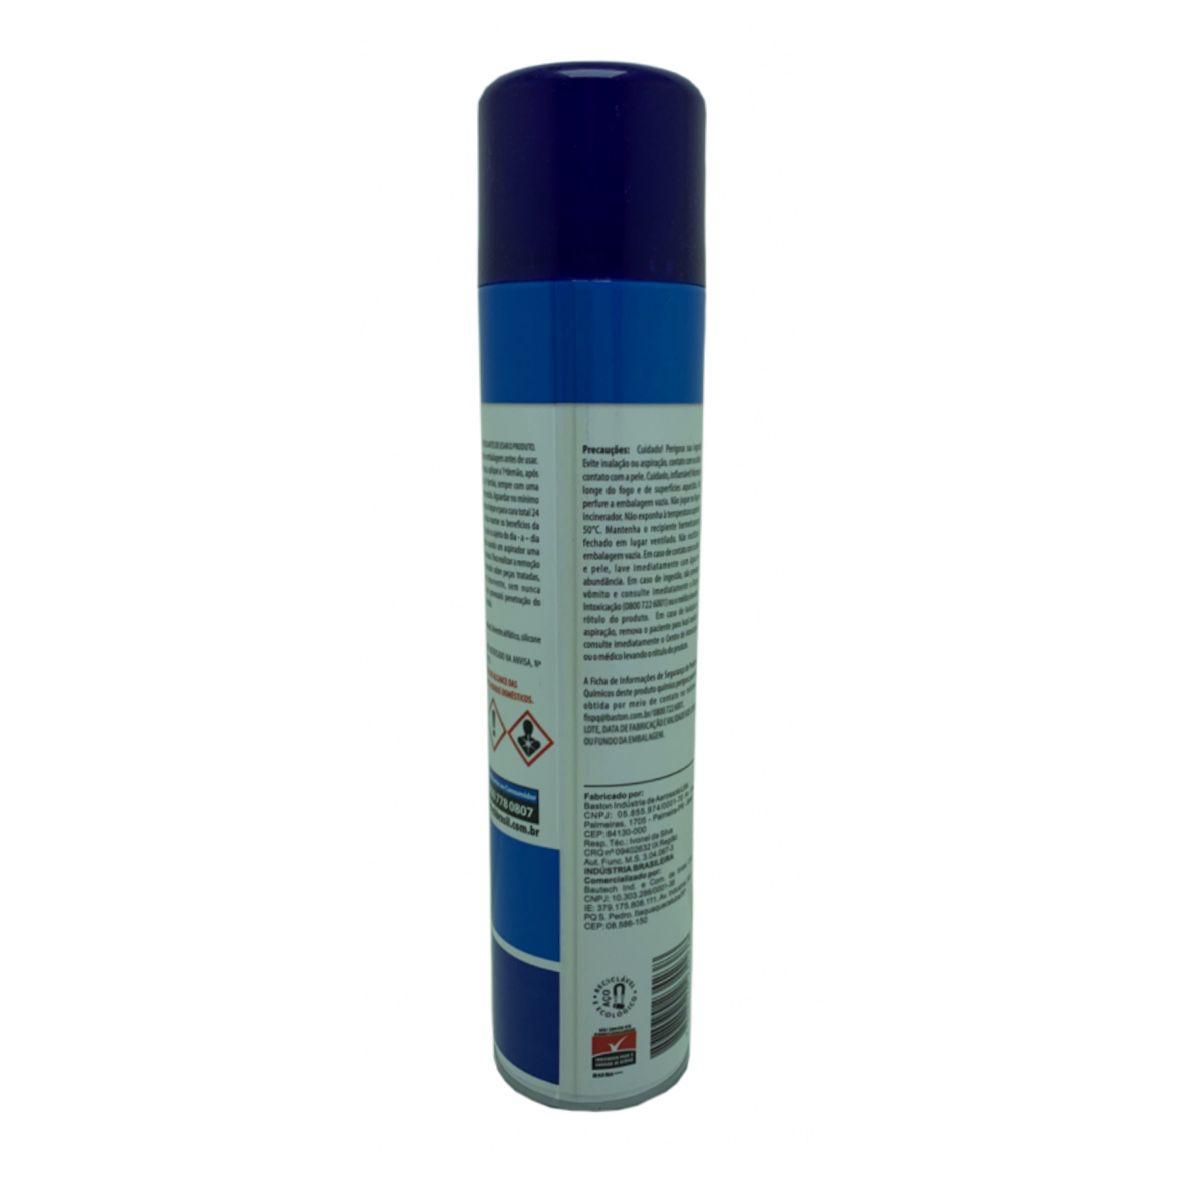 Impermeabilizante De Tecido E Estofado Bautech 300ml